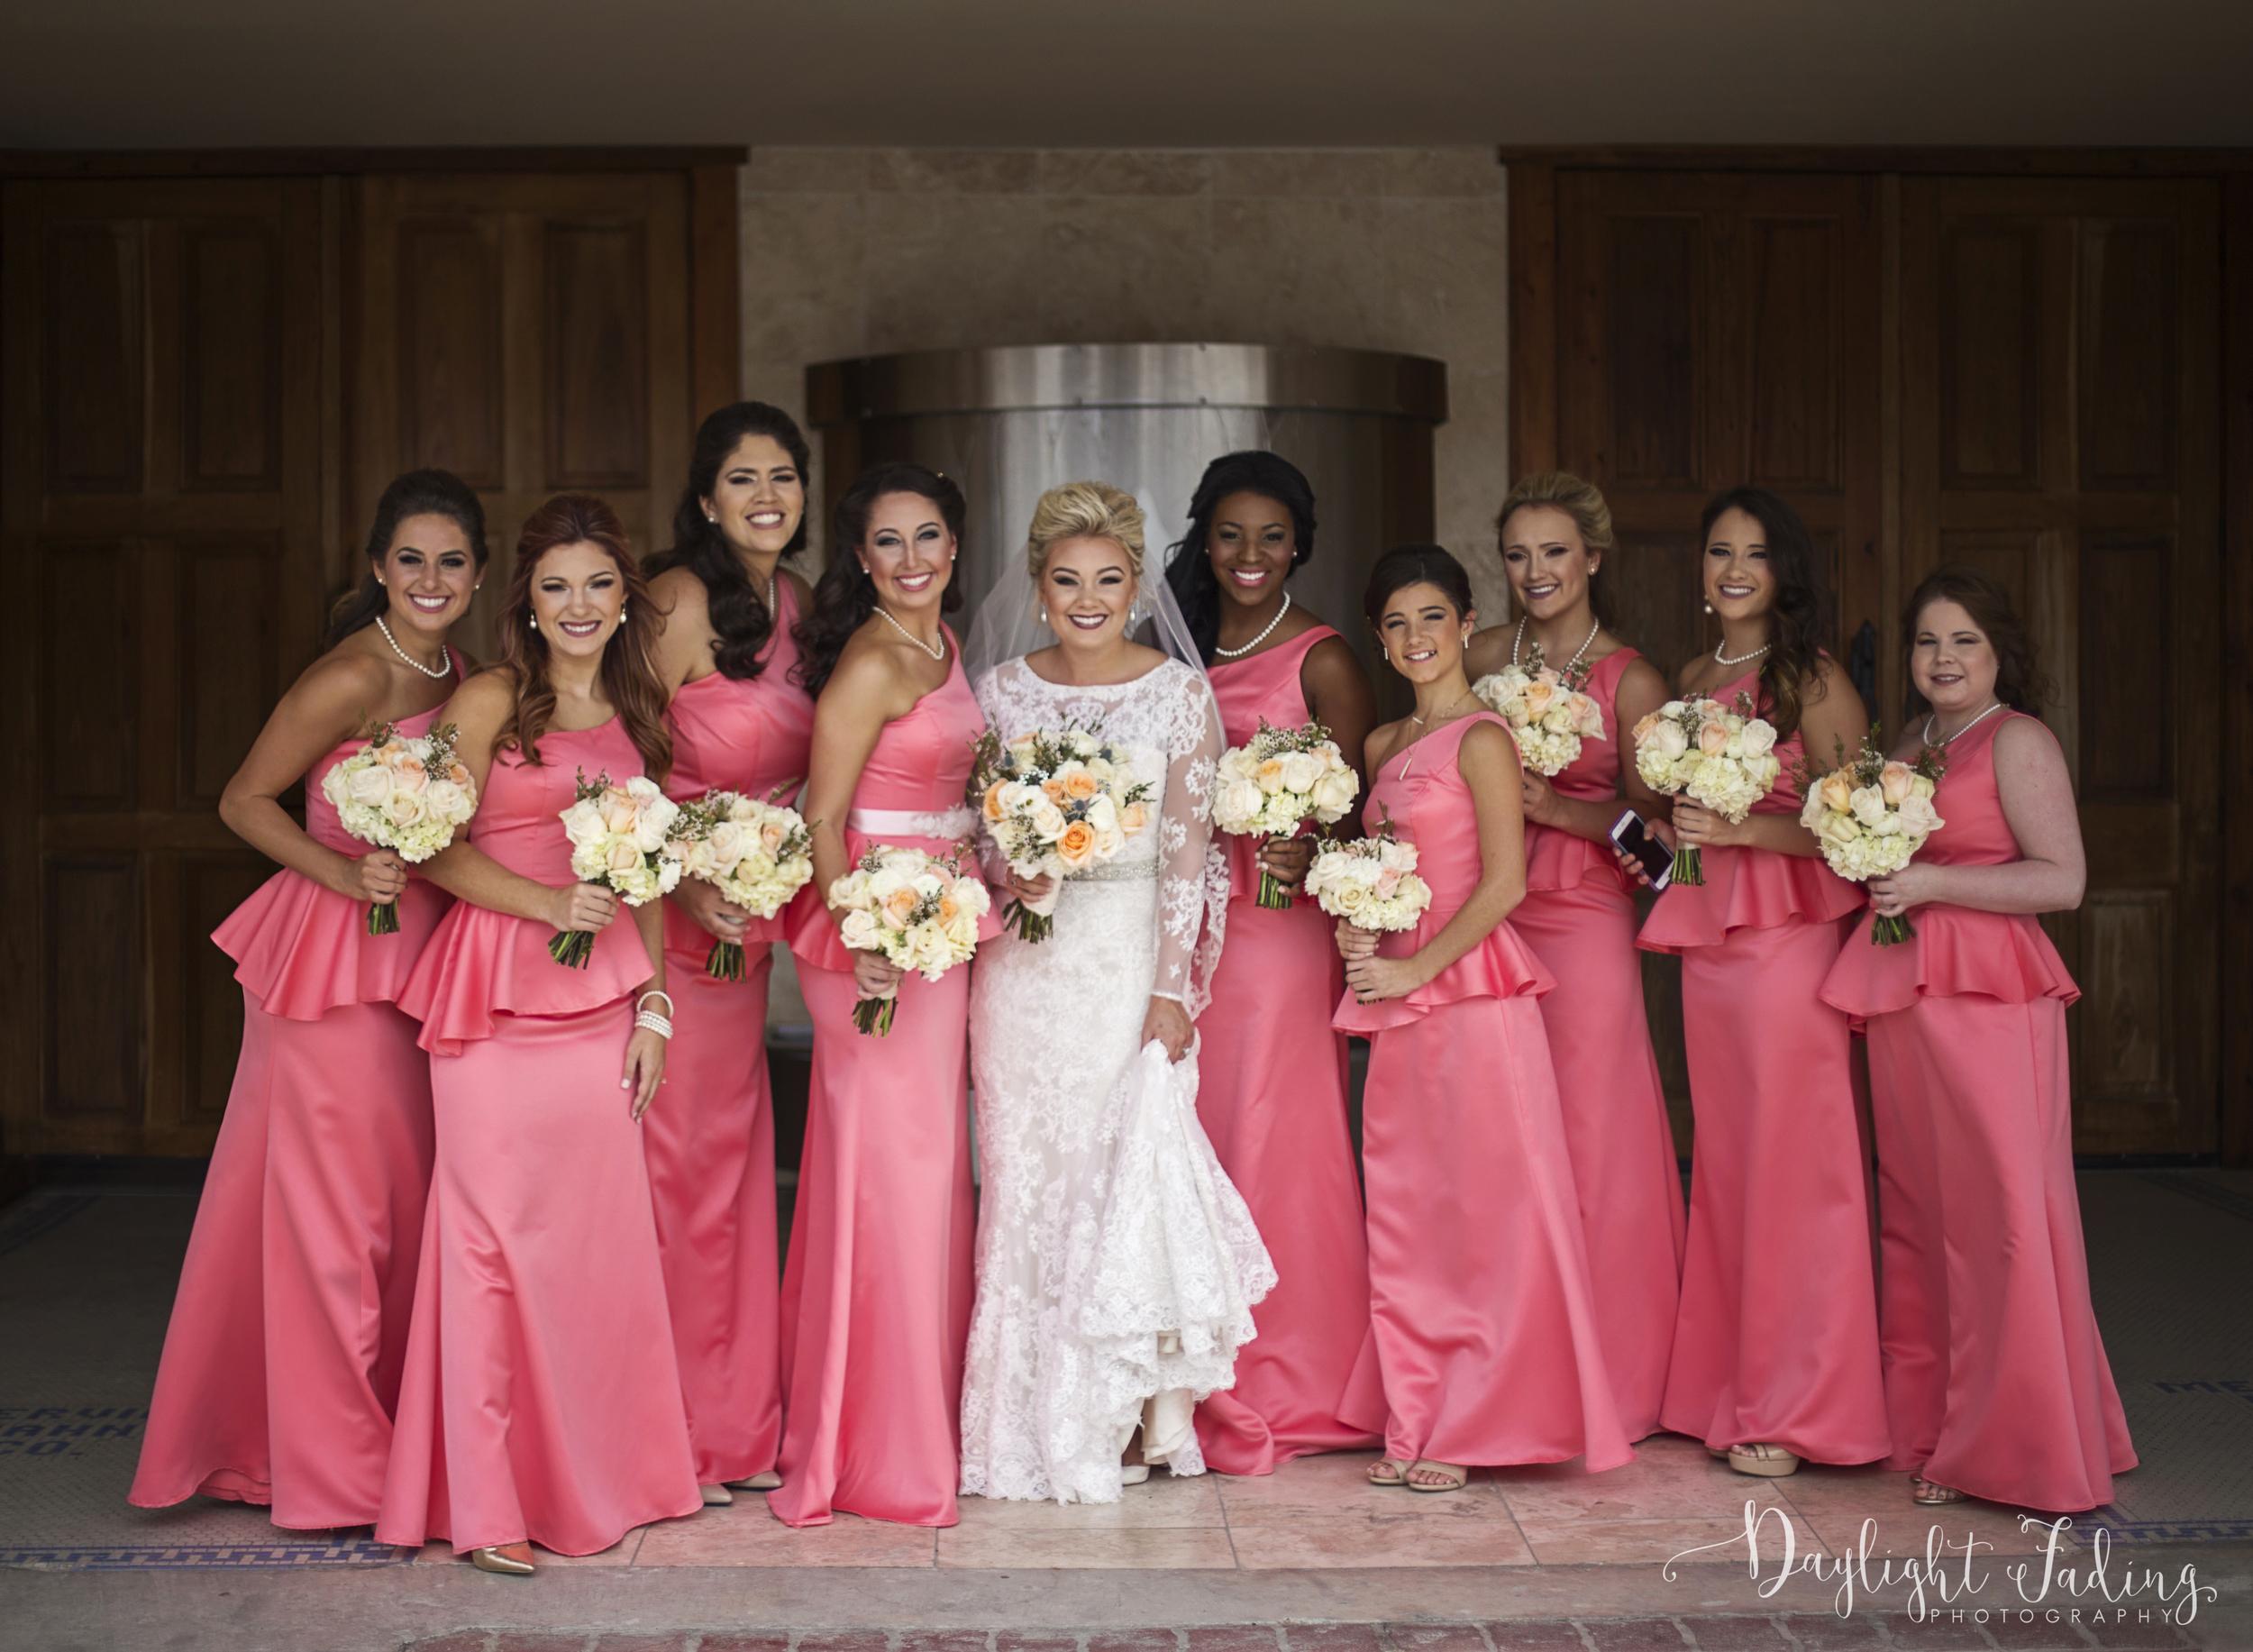 Bridal Party in Rayne, Louisiana - daylightfadingphotography.com